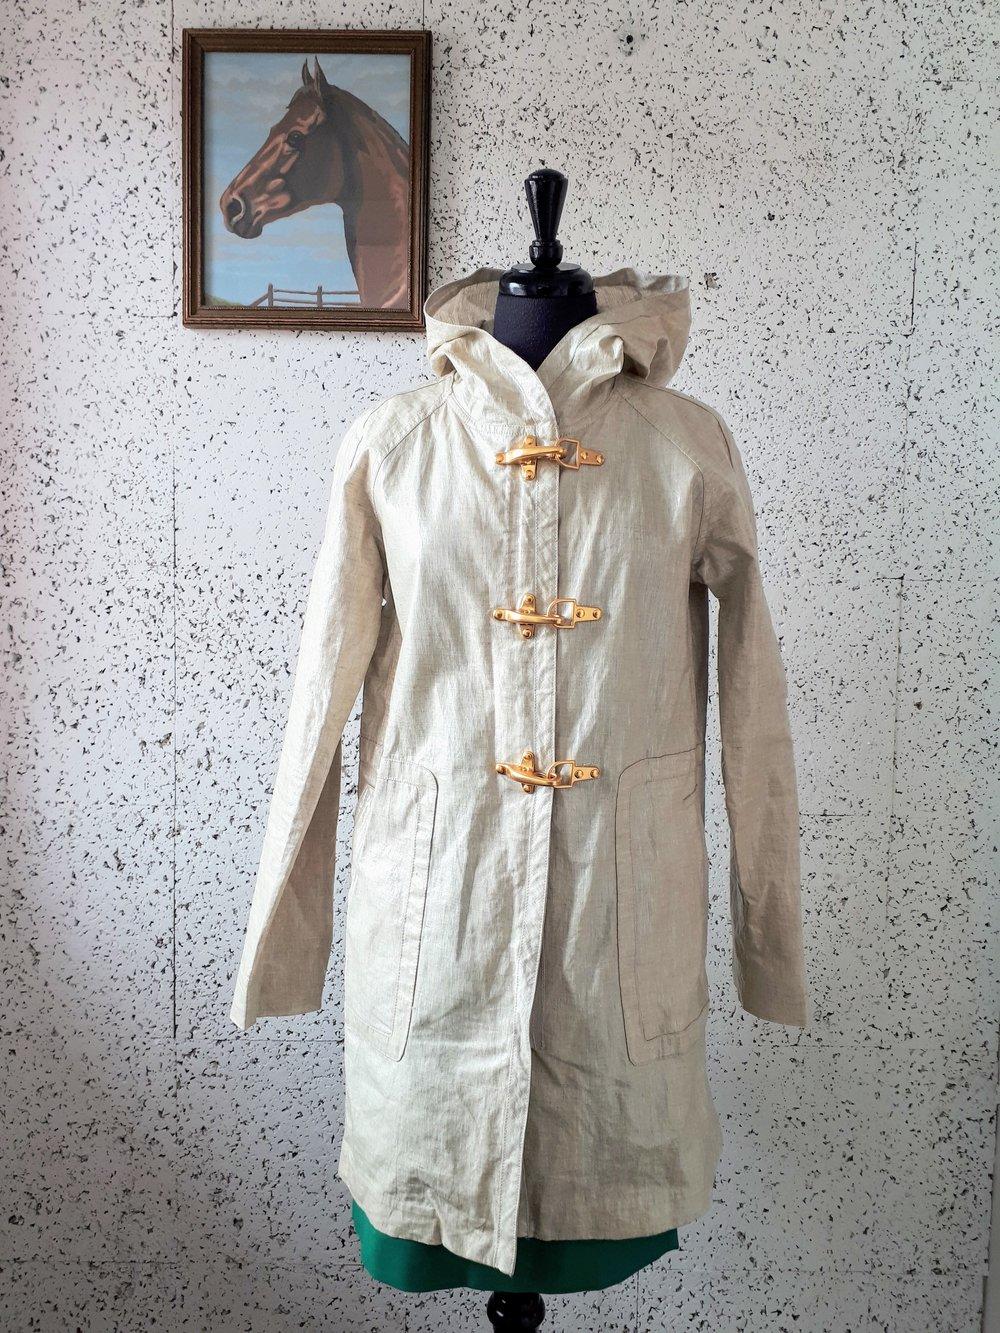 J Crew coat; Size 8, $45